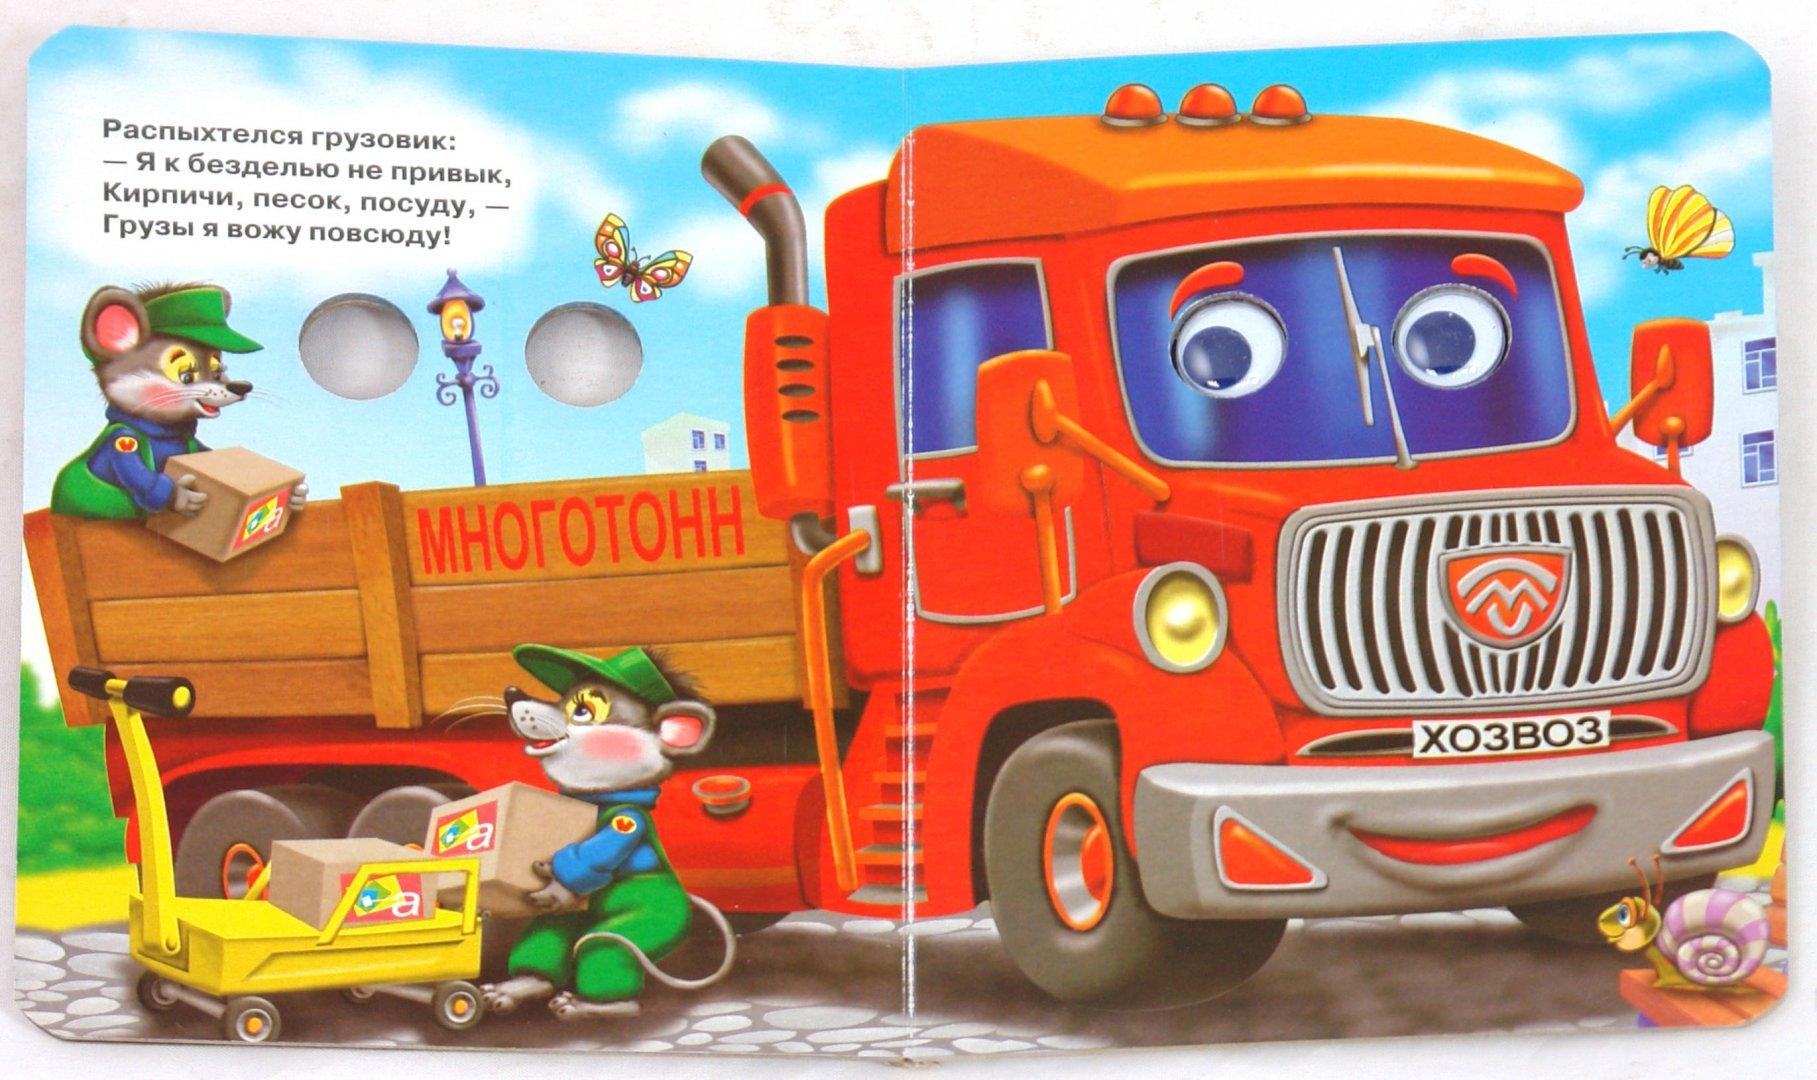 Иллюстрация 1 из 14 для Очень нужные машины - Елена Павлова | Лабиринт - книги. Источник: Лабиринт